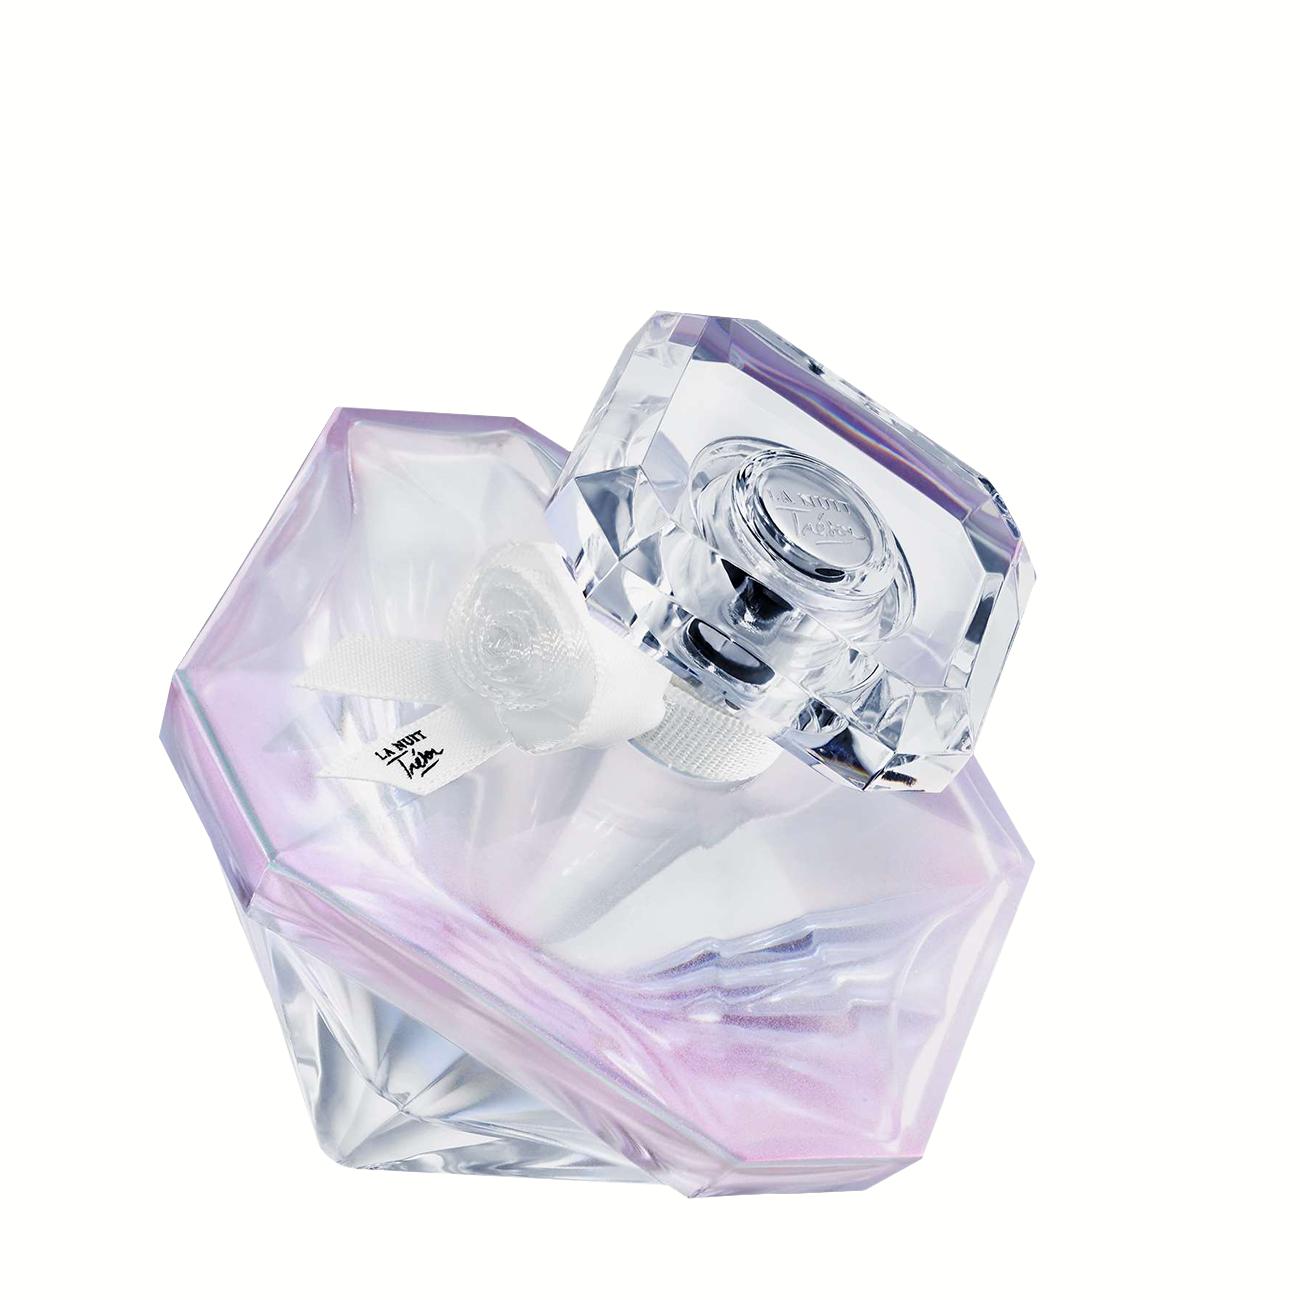 La Nuit Tresor Musc Diamant 50ml imagine